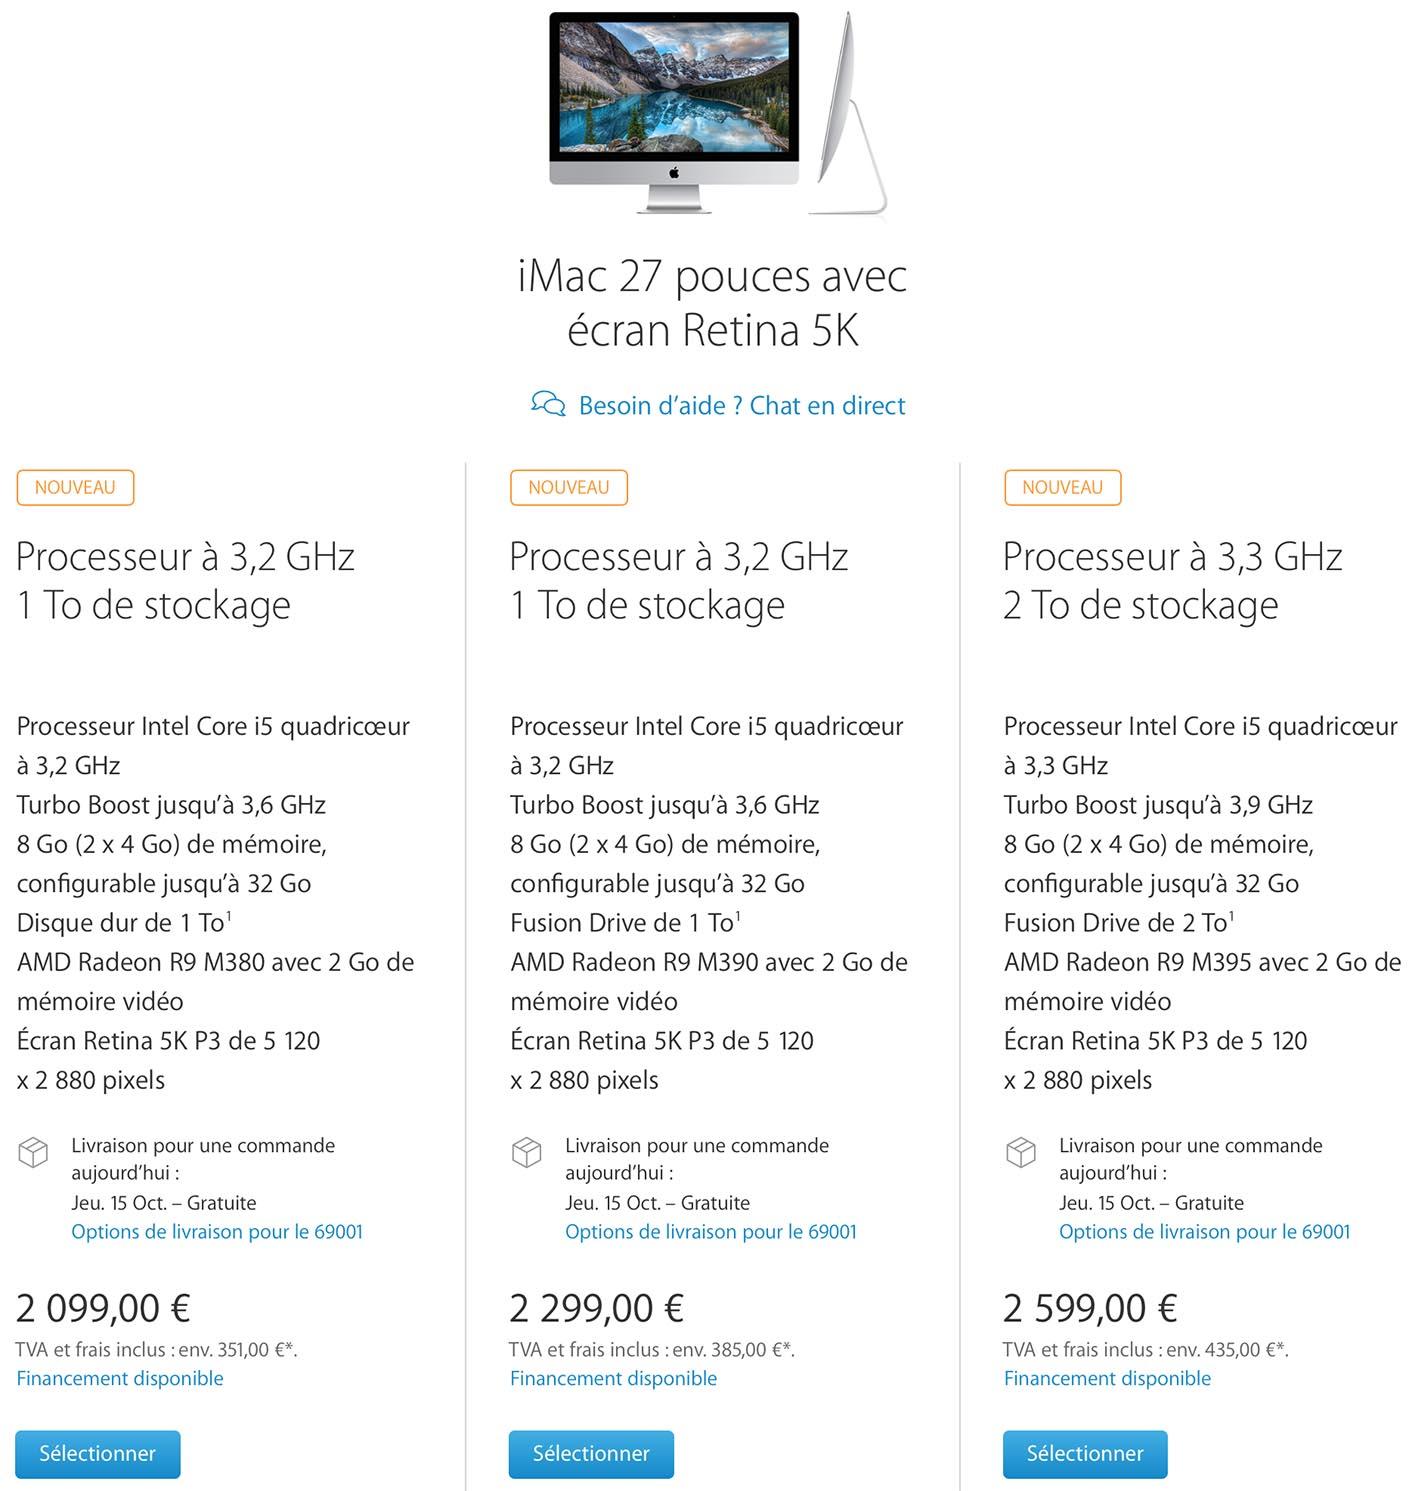 iMac 27 pouces 2015